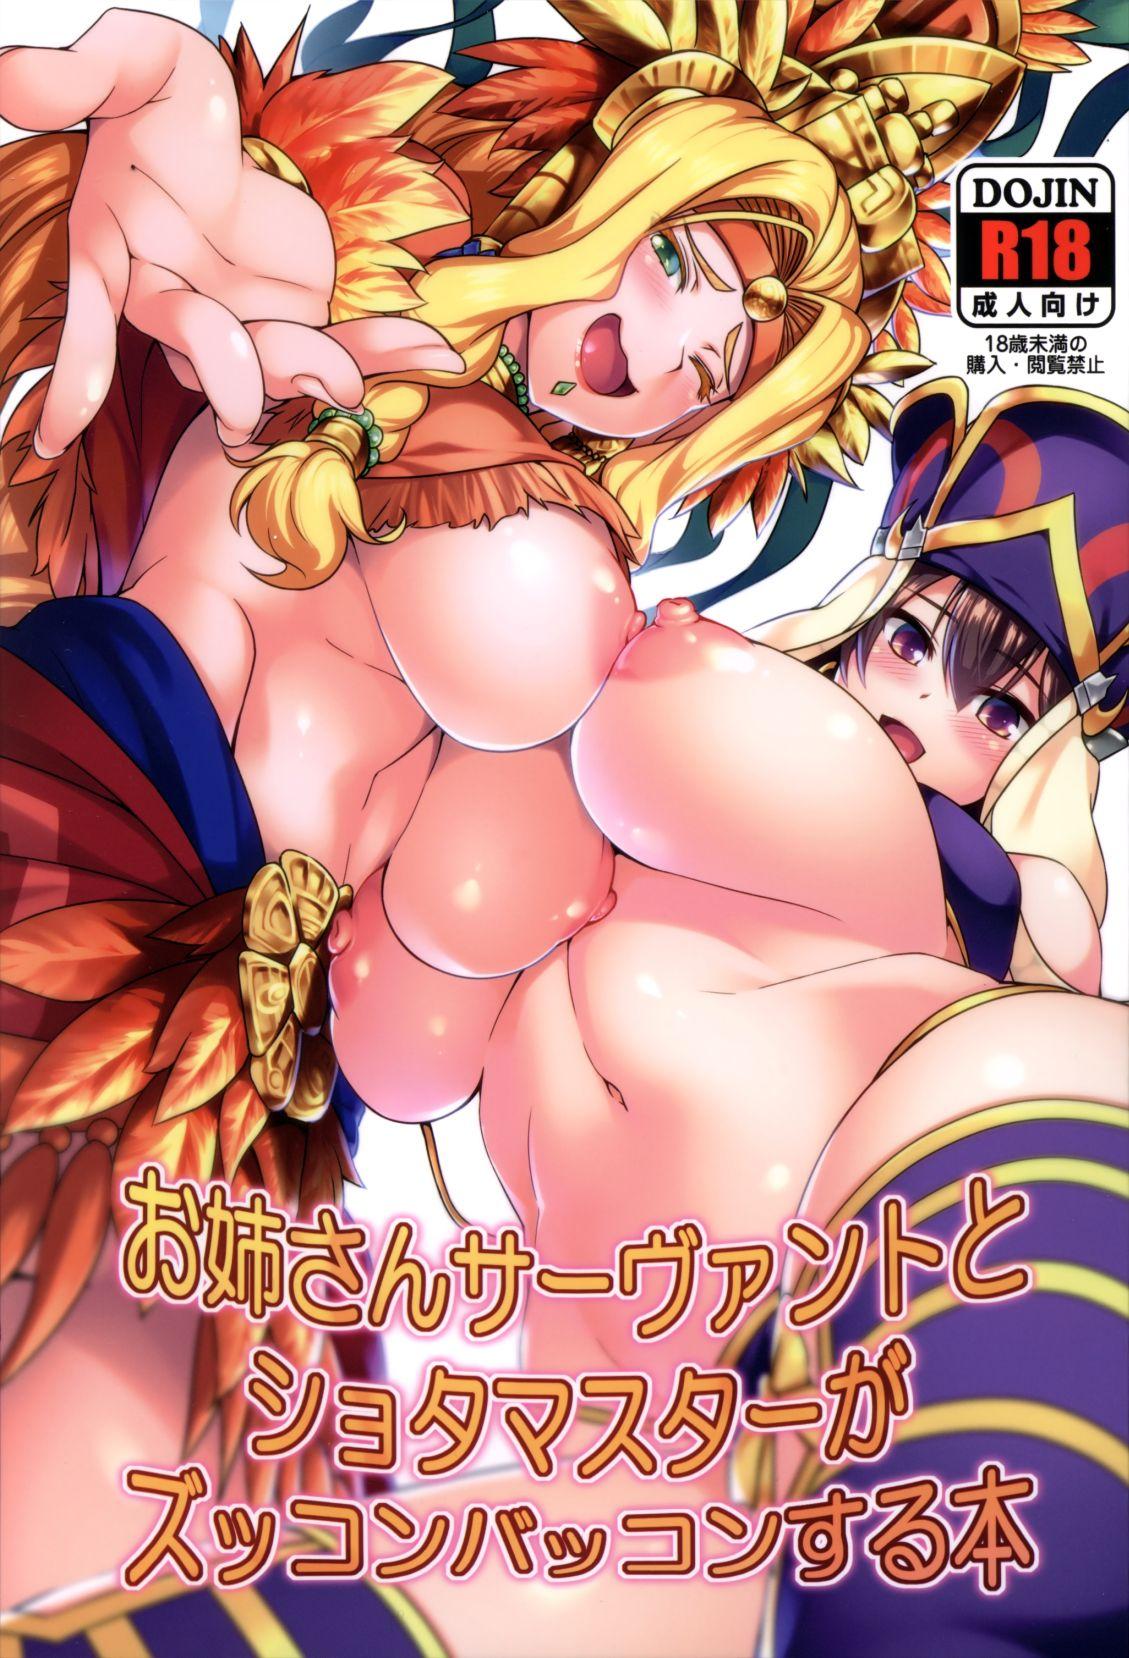 お姉さんサーヴァントとショタマスターがズッコンバッコンする本 (Fate Grand Order) (1)